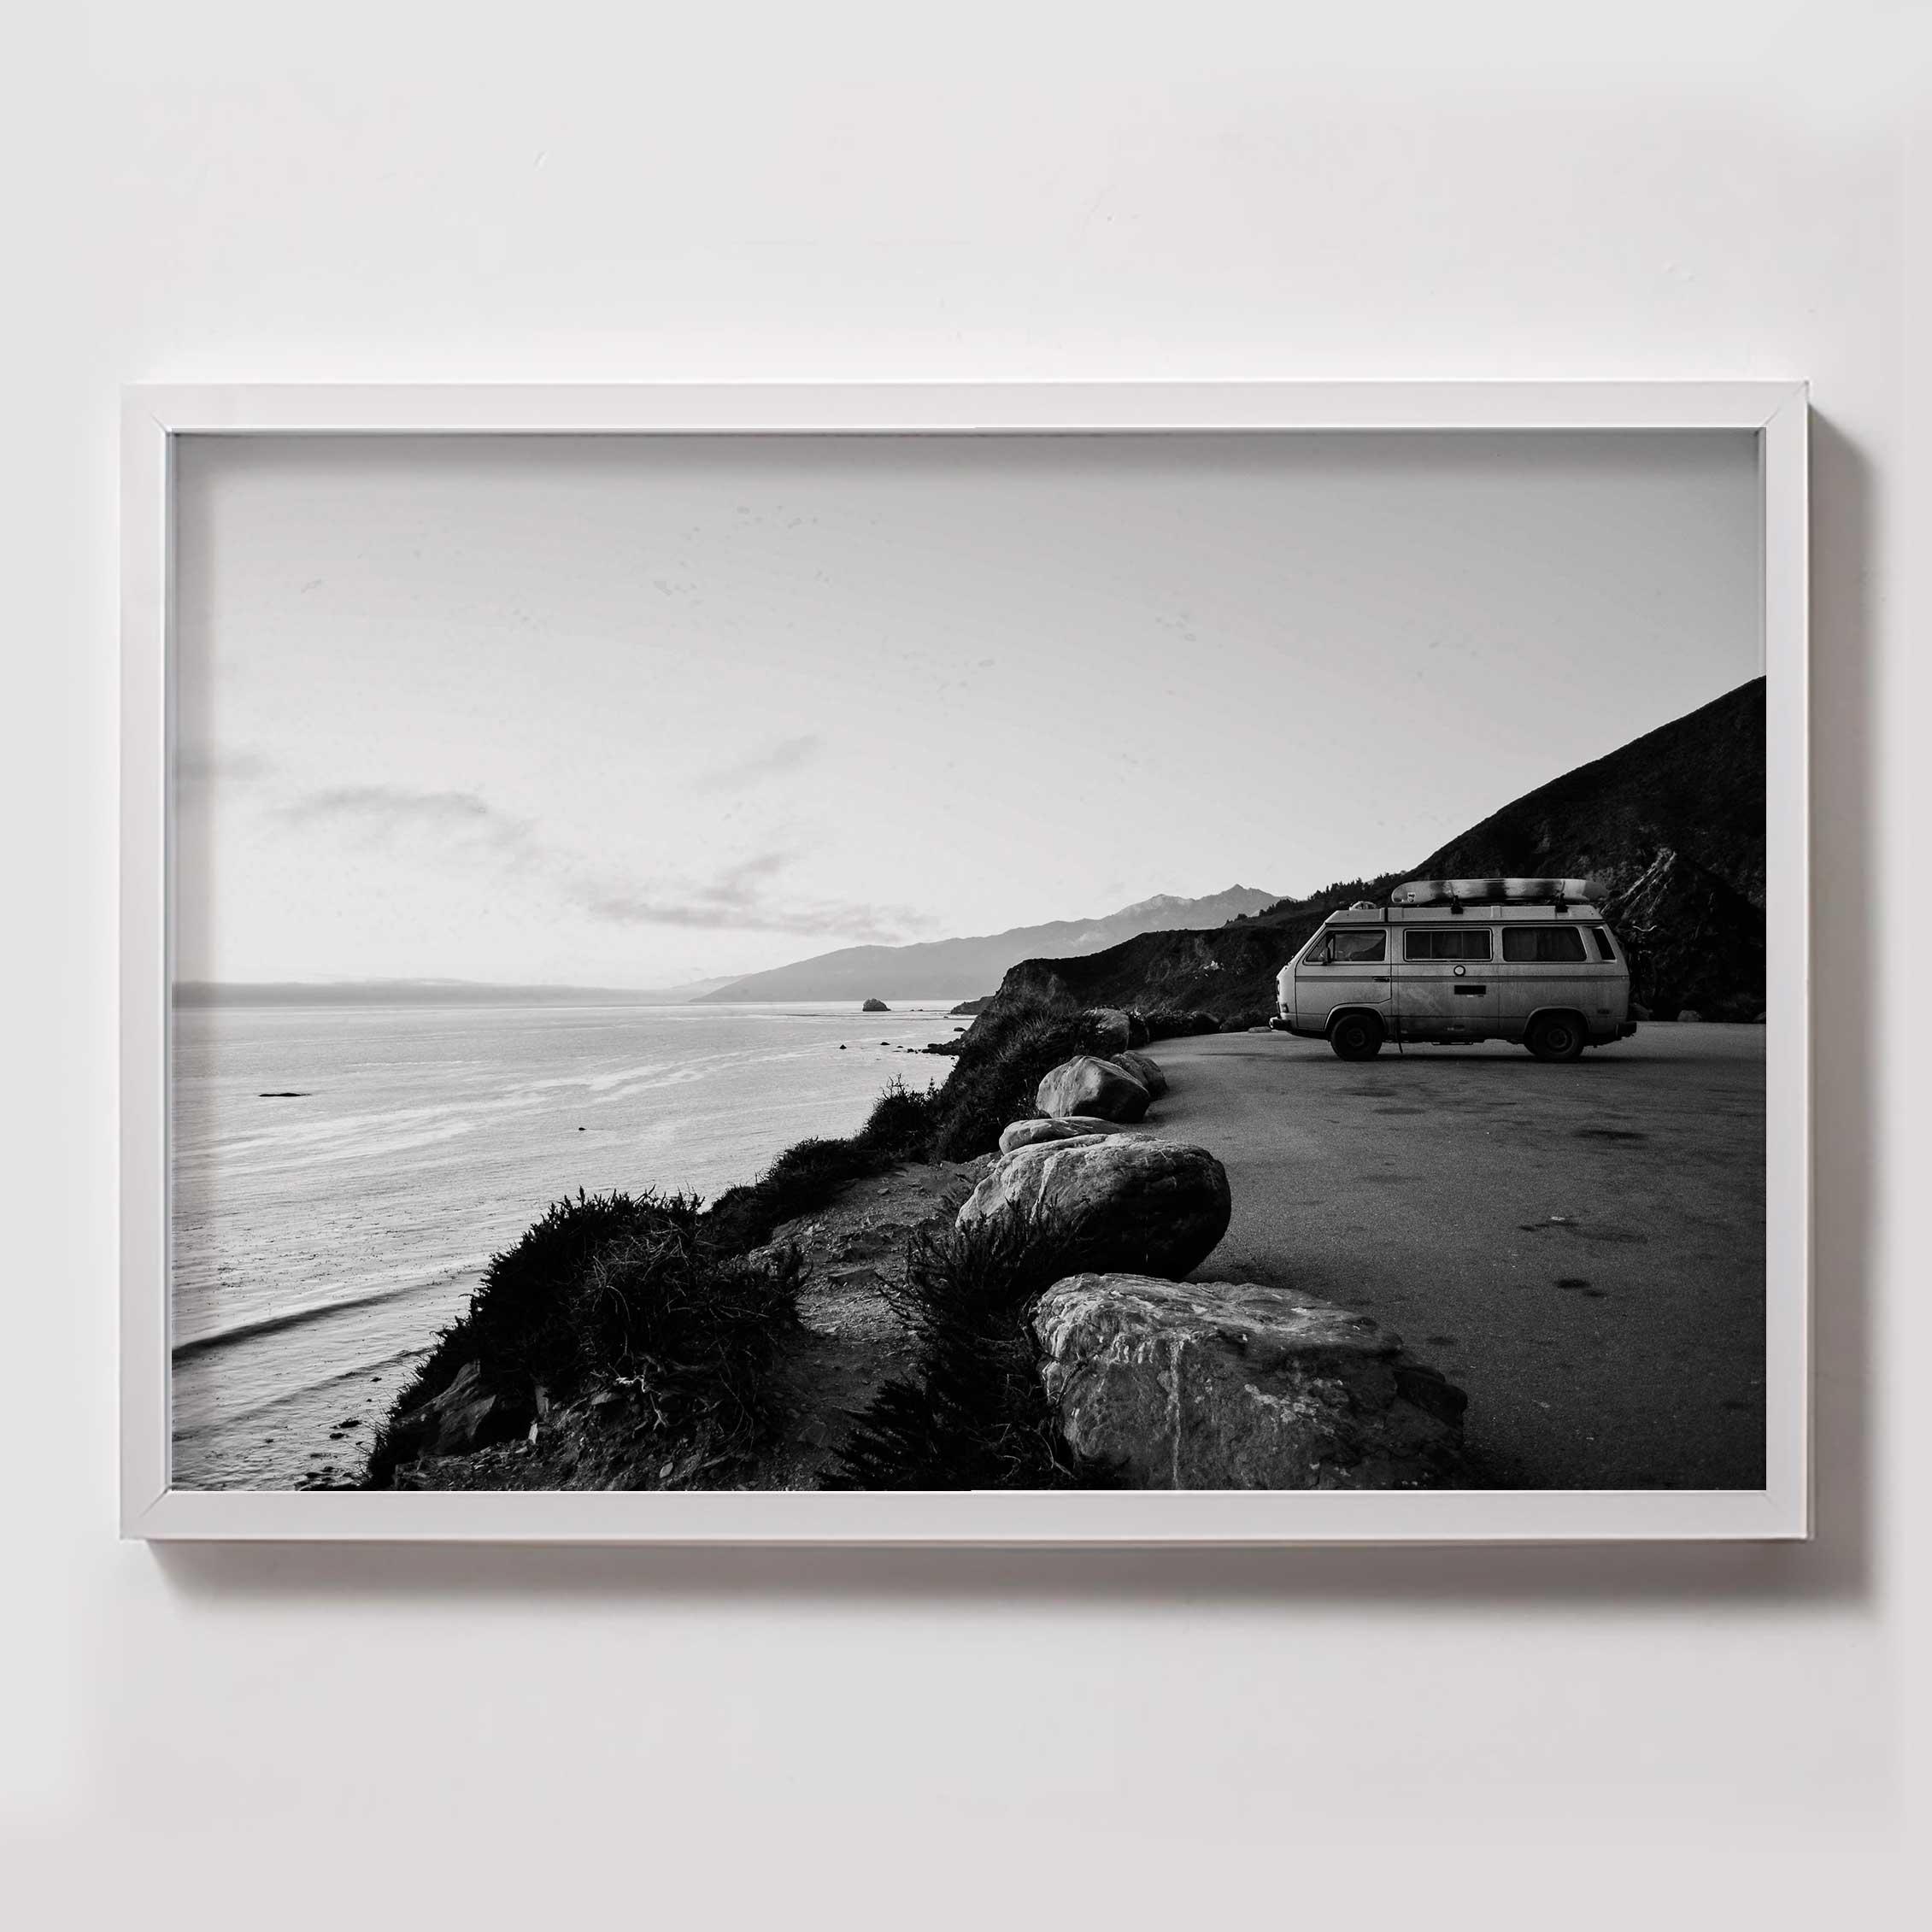 Beach_014